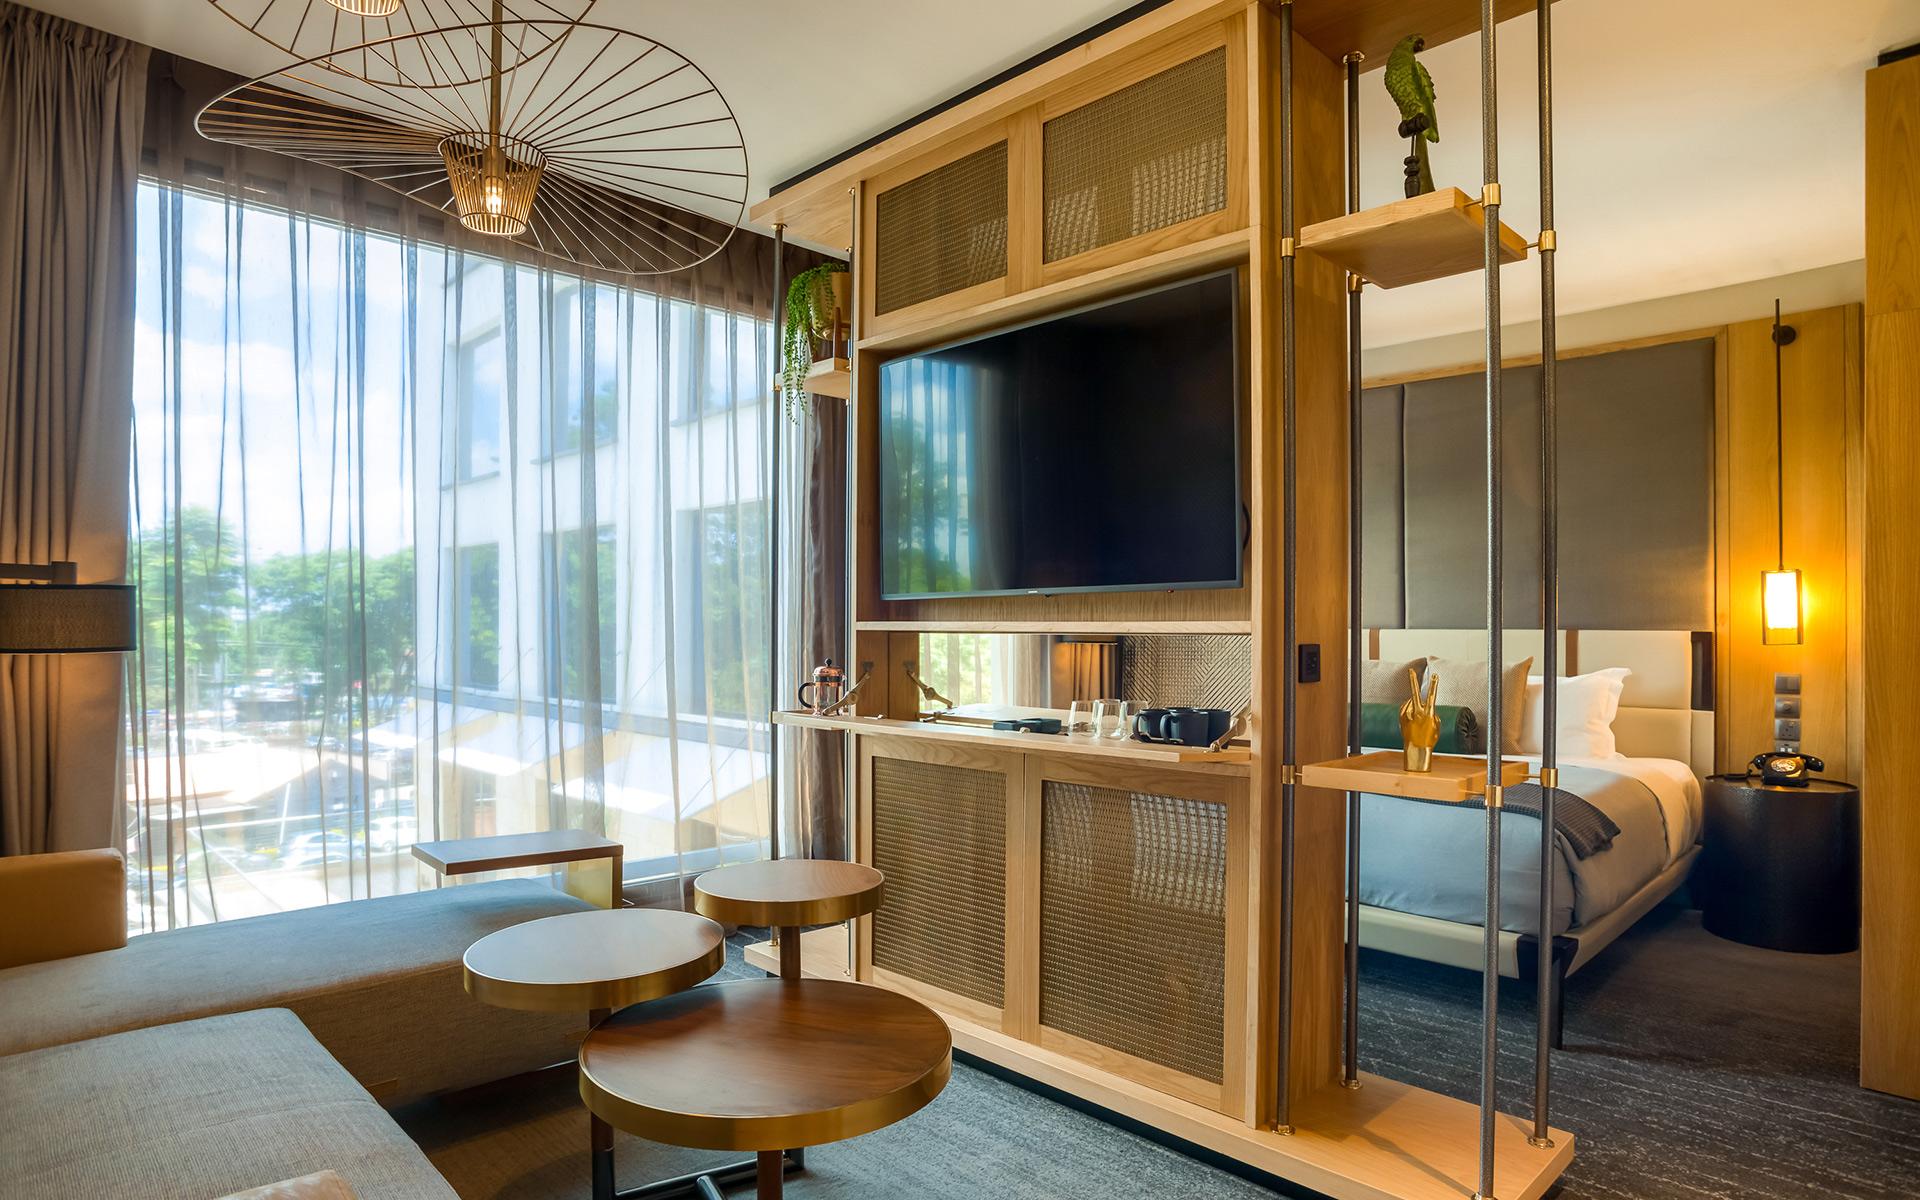 LTD-SBID2020-Hotel-Bedroom-&-Suites-Design